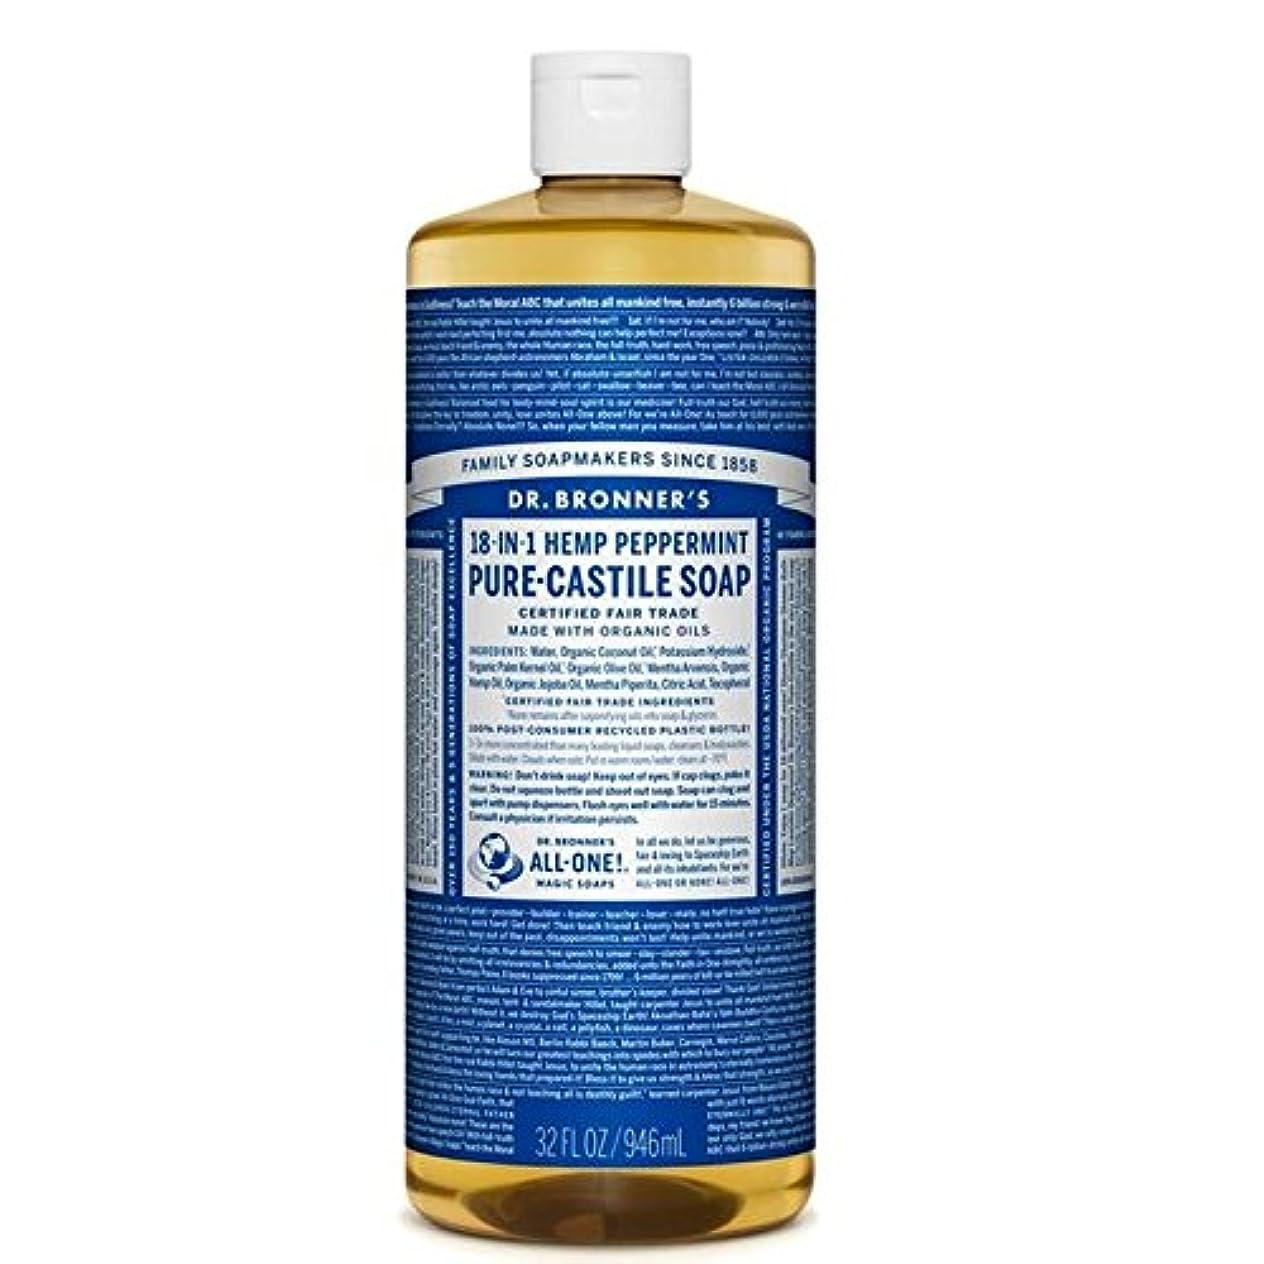 ゲスト降伏空港のブロナー有機ペパーミントカスティーリャ液体石鹸946ミリリットル x2 - Dr Bronner Organic Peppermint Castile Liquid Soap 946ml (Pack of 2) [並行輸入品]